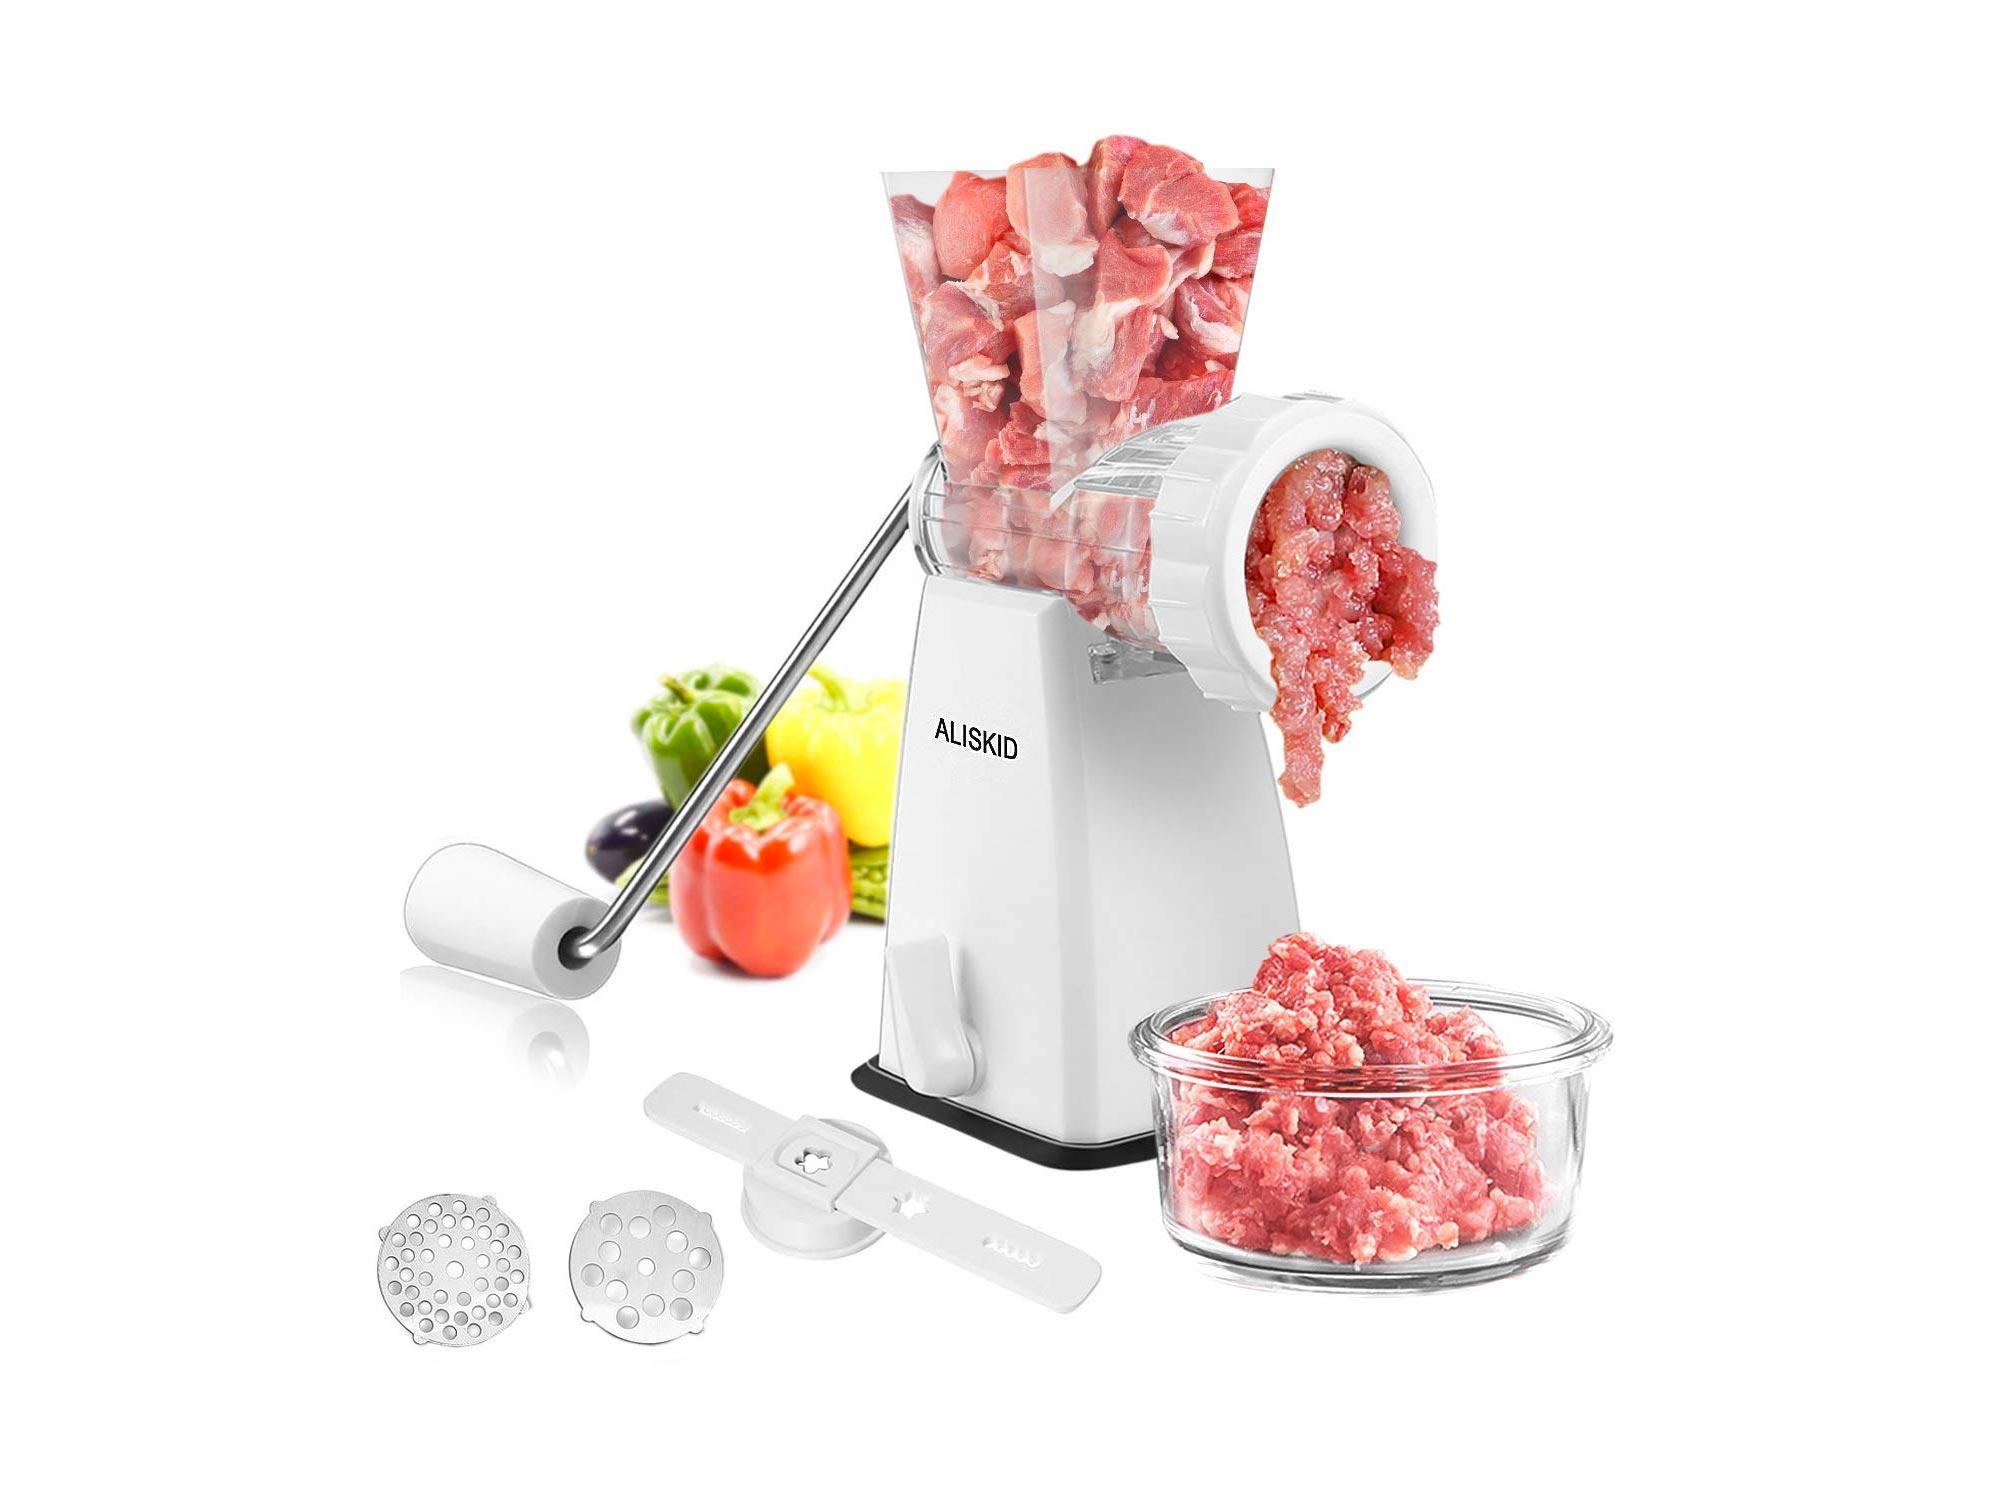 Aliskid meat grinder